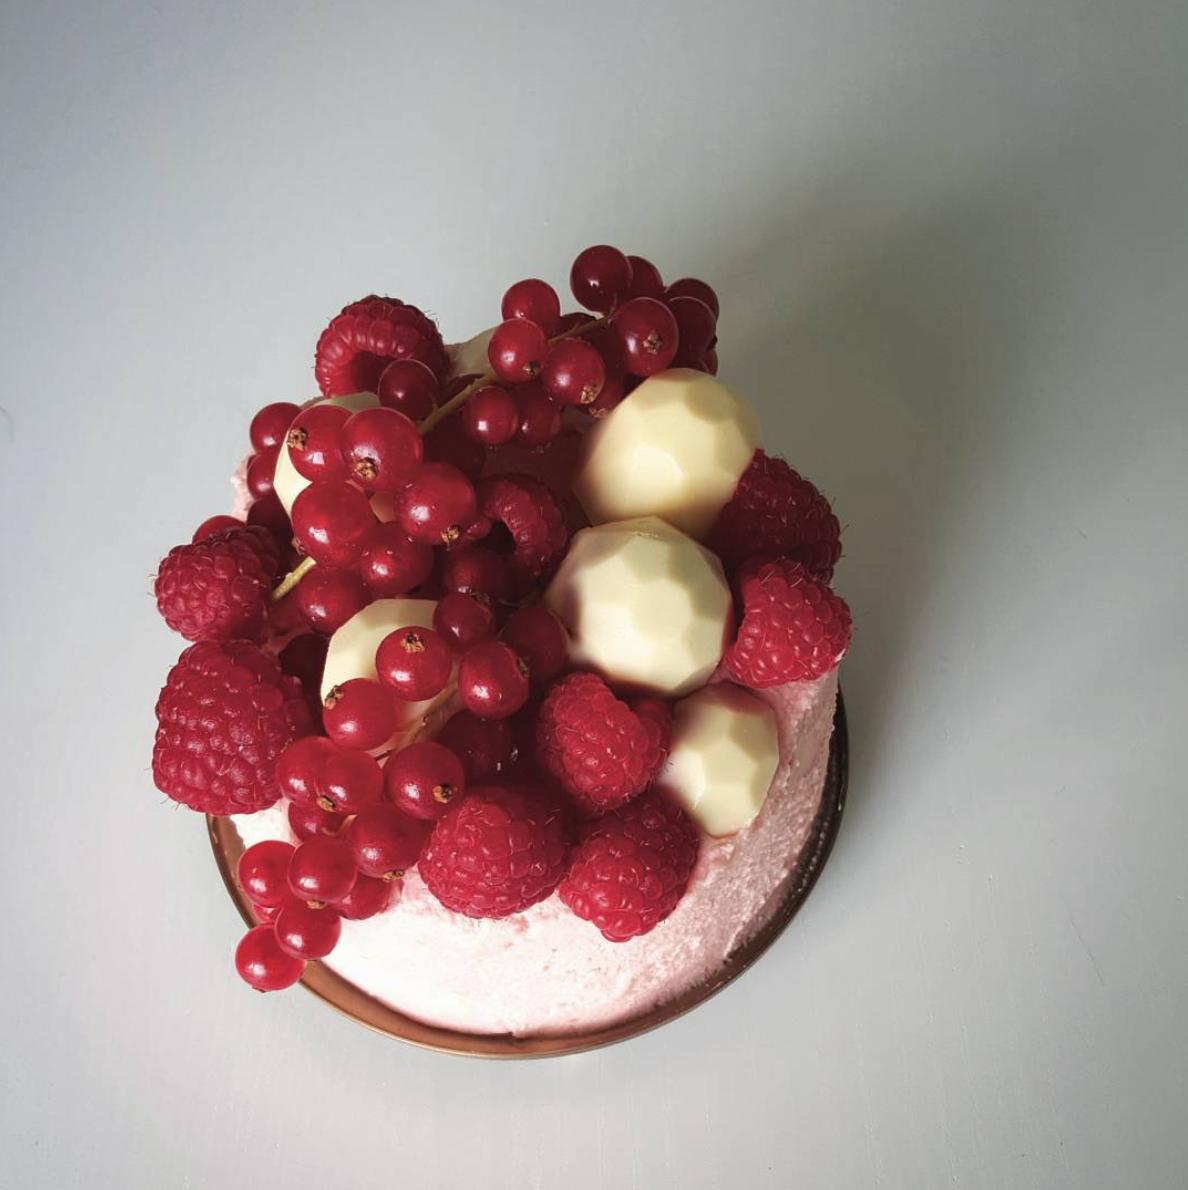 Kir Royal Cake